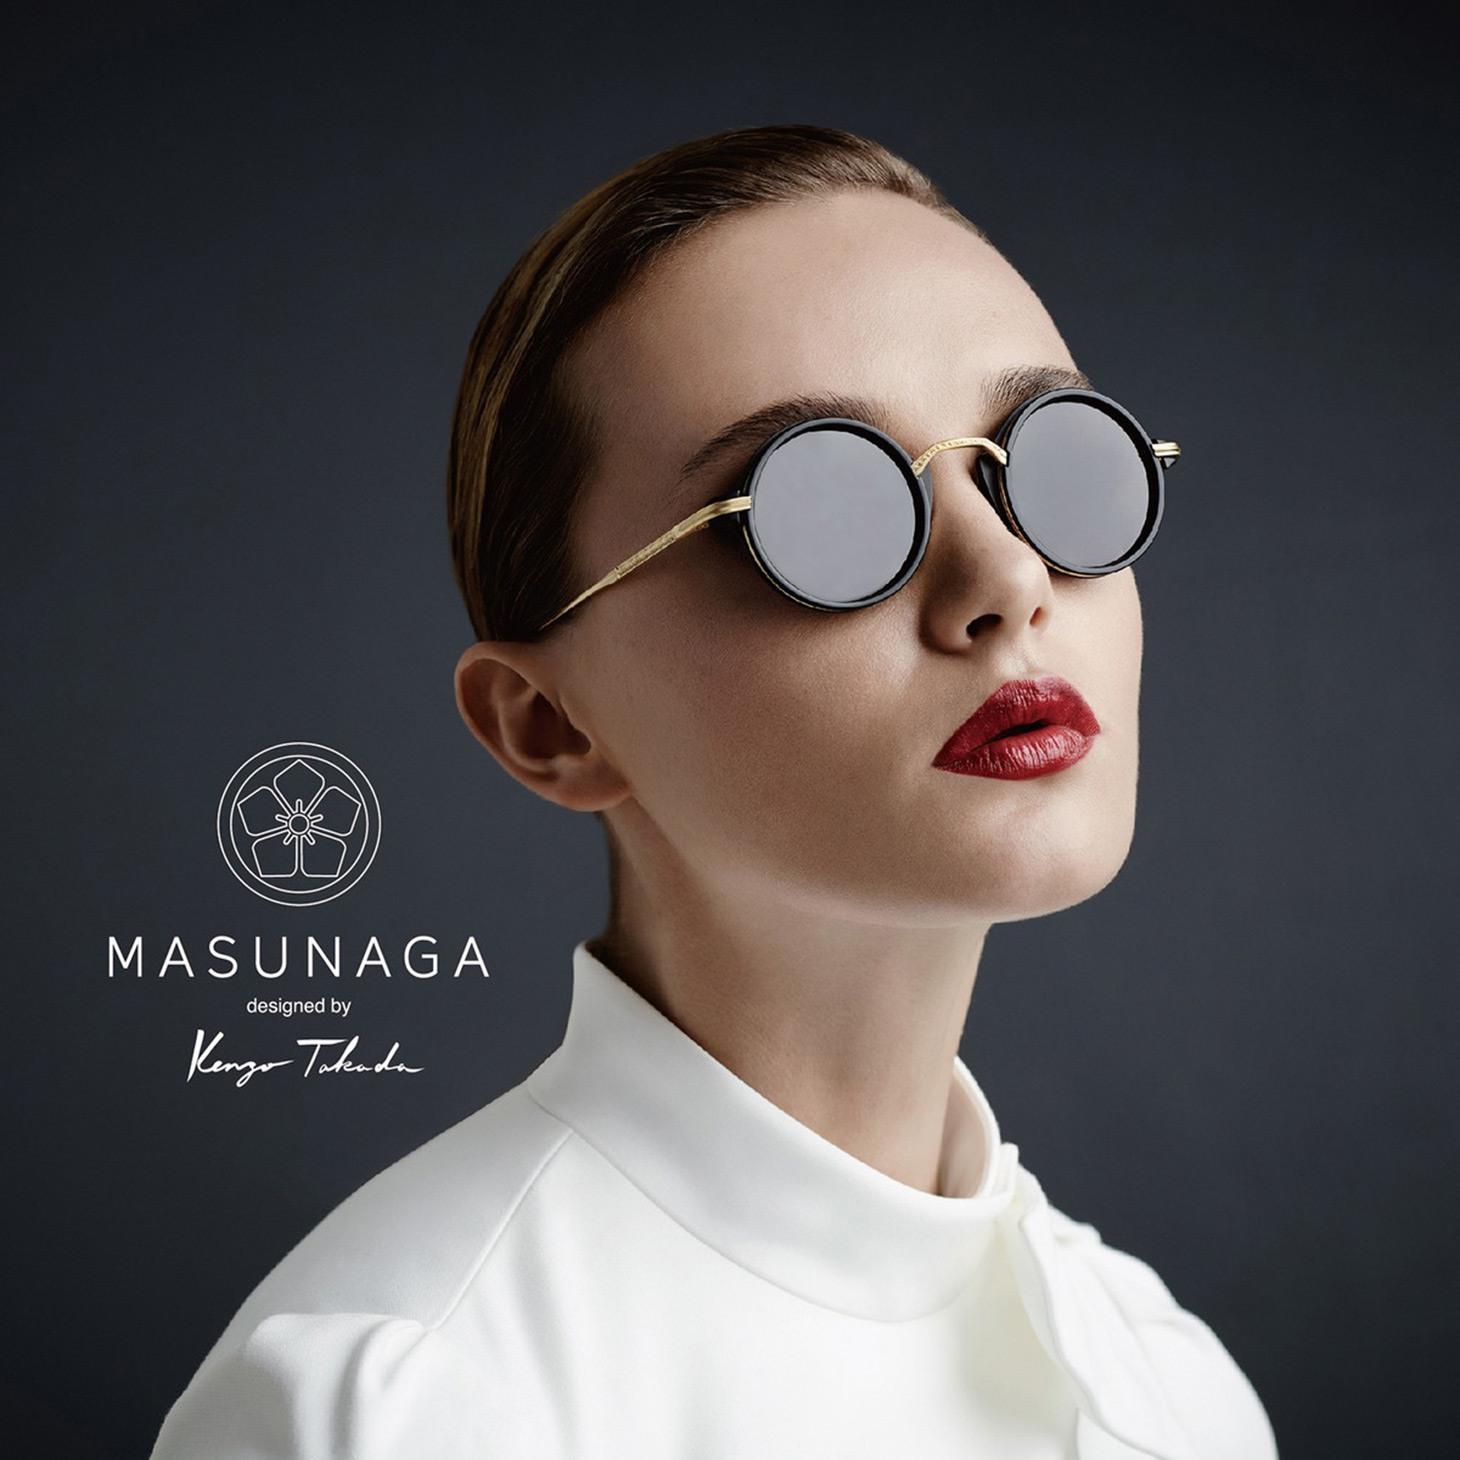 MASUNAGA×Kenzo Takada | マスナガ×ケンゾー タカダ イメージ